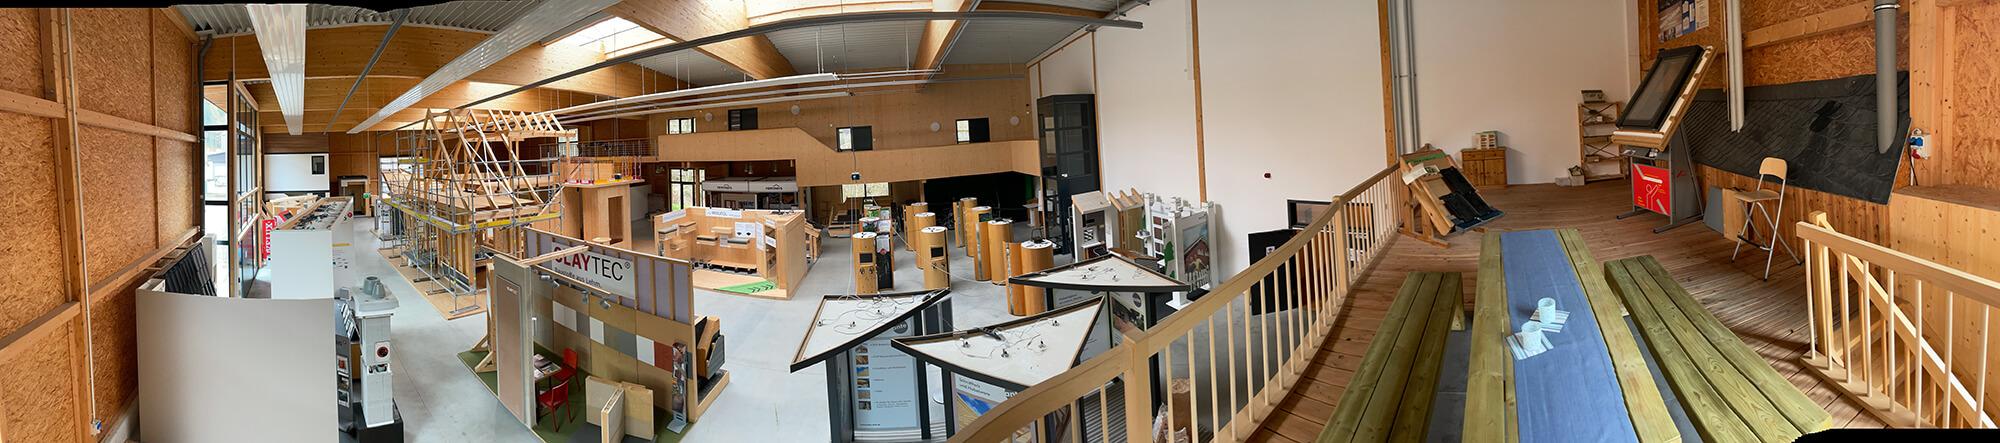 Panorama-Foto von der I.D. HOLZ Ausstellungshalle